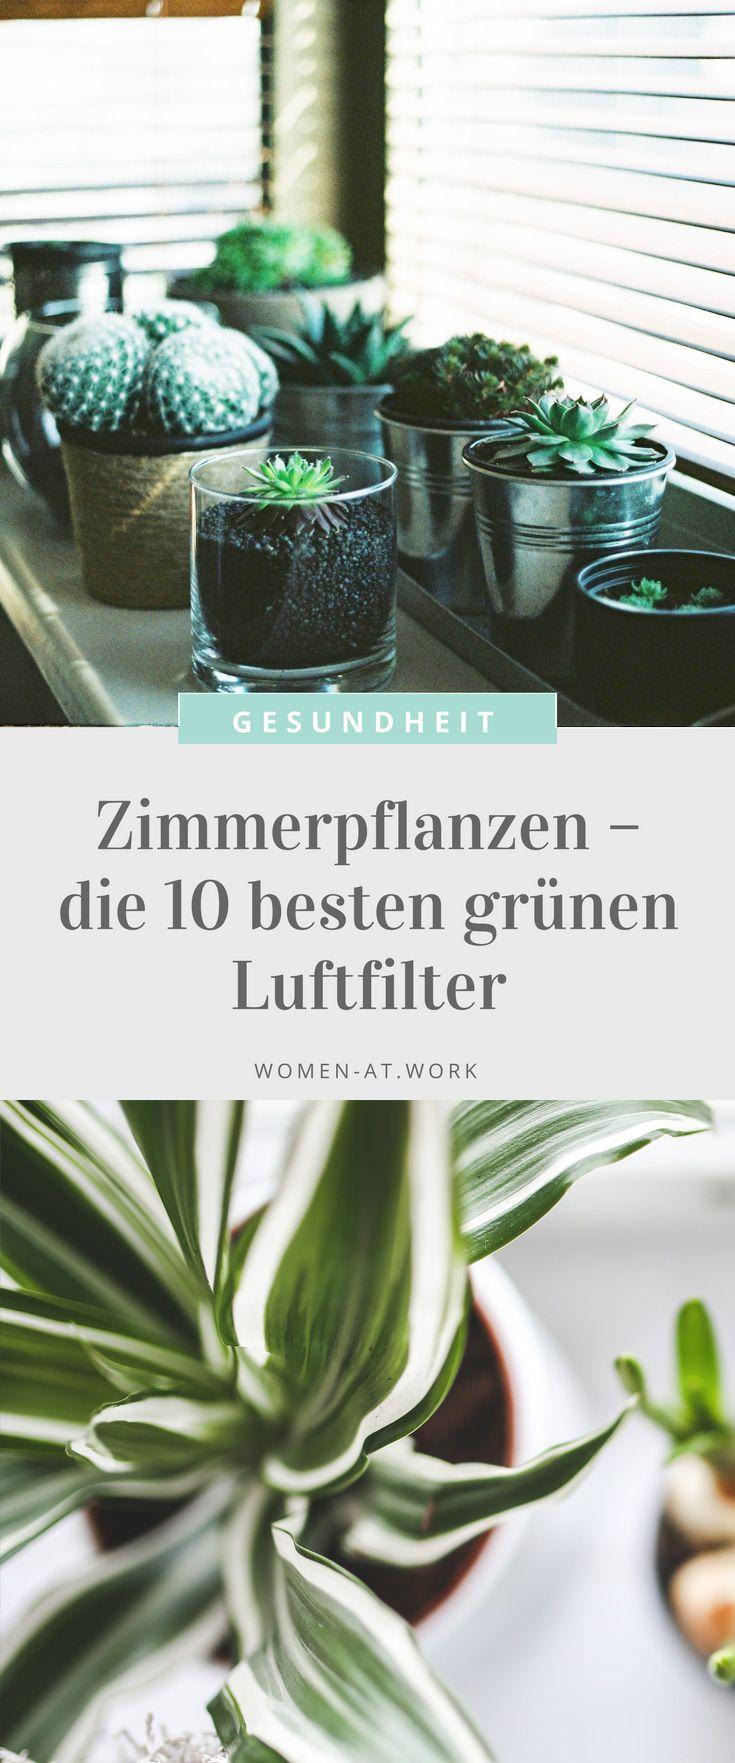 25+ Best Ideas About Grüne Zimmerpflanzen On Pinterest | Pflanzen ... Zimmer Und Balkonpflanzen Winter Tipps